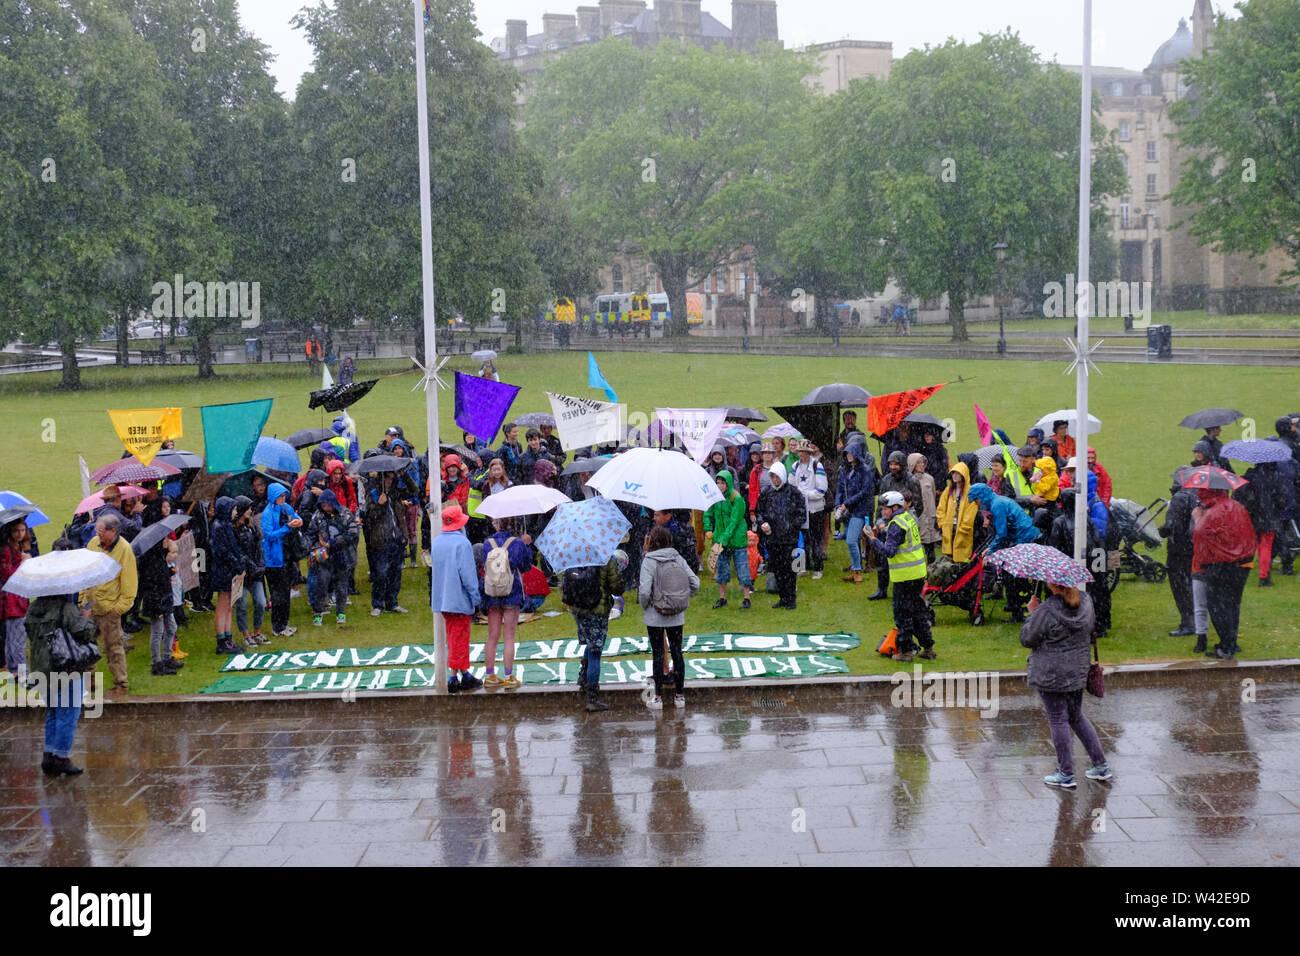 Bristol, Royaume-Uni. 19 juillet 2019. La pluie se déverse sur la rébellion d'extinction d'un rassemblement sur la jeunesse College Green dans le centre-ville de Bristol. C'est le 5e jour de la protestation contre le changement climatique dans la ville. Crédit: Mr Standfast/Alamy Live News Banque D'Images